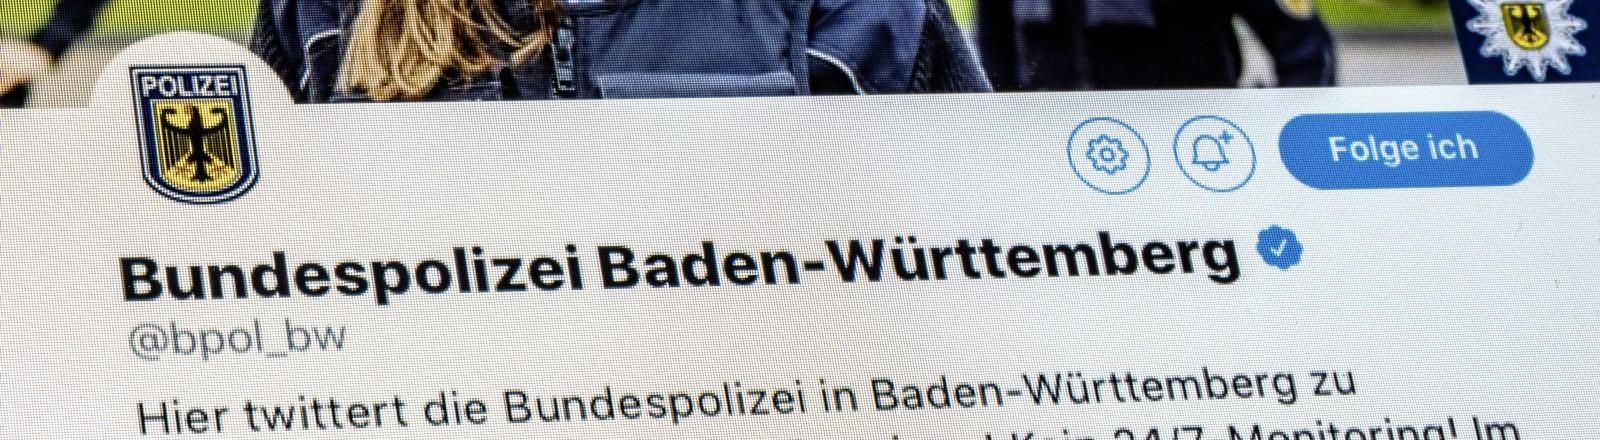 Ein Bild des Twitter Accounts der Polizei von Baden-Württemberg